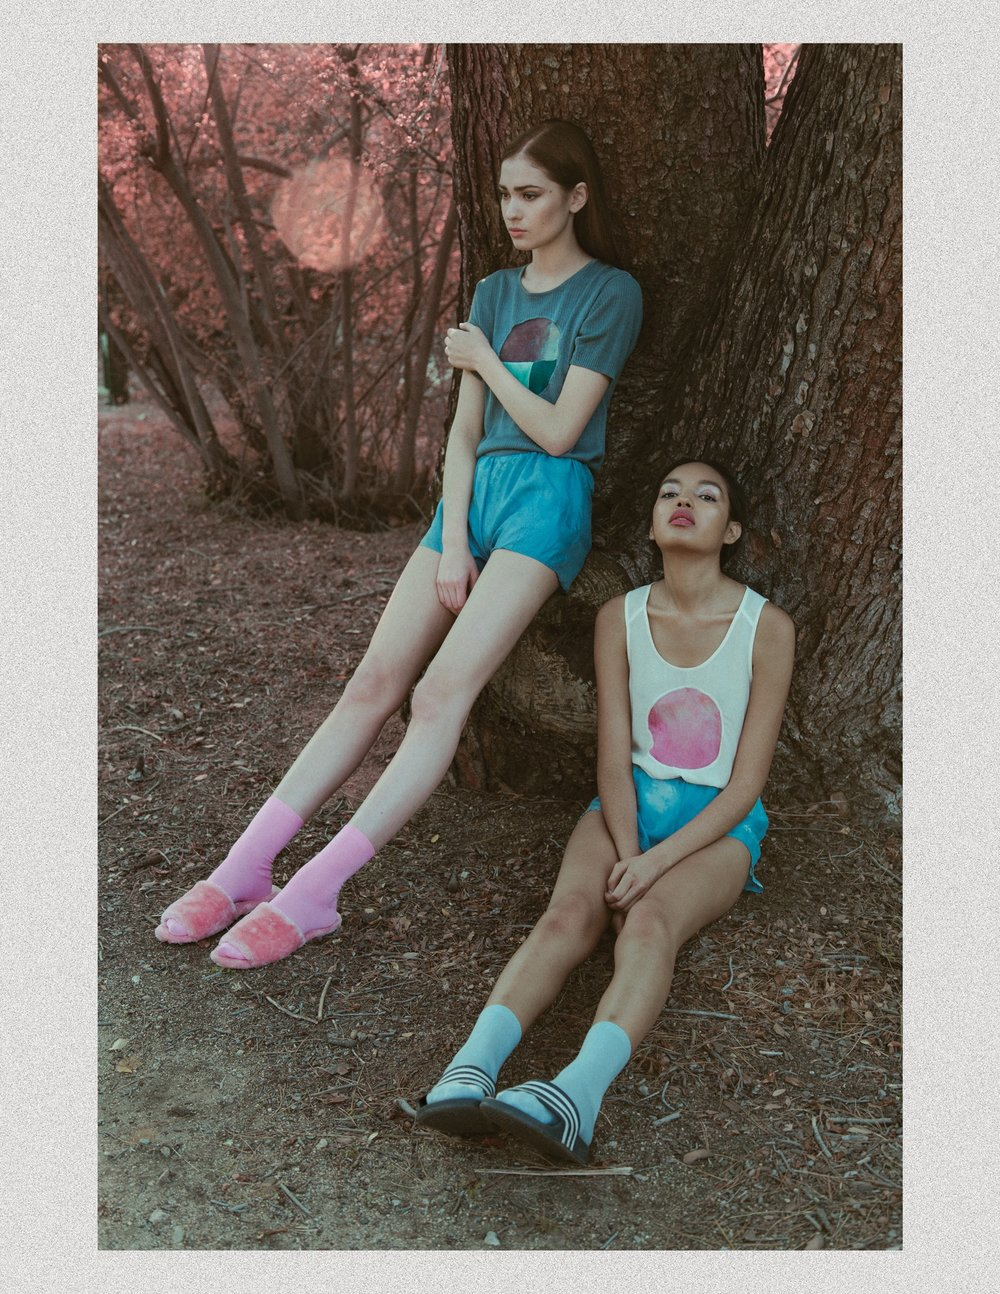 The Other Side Schon Magazine Lauren Naylor Allison Victoria